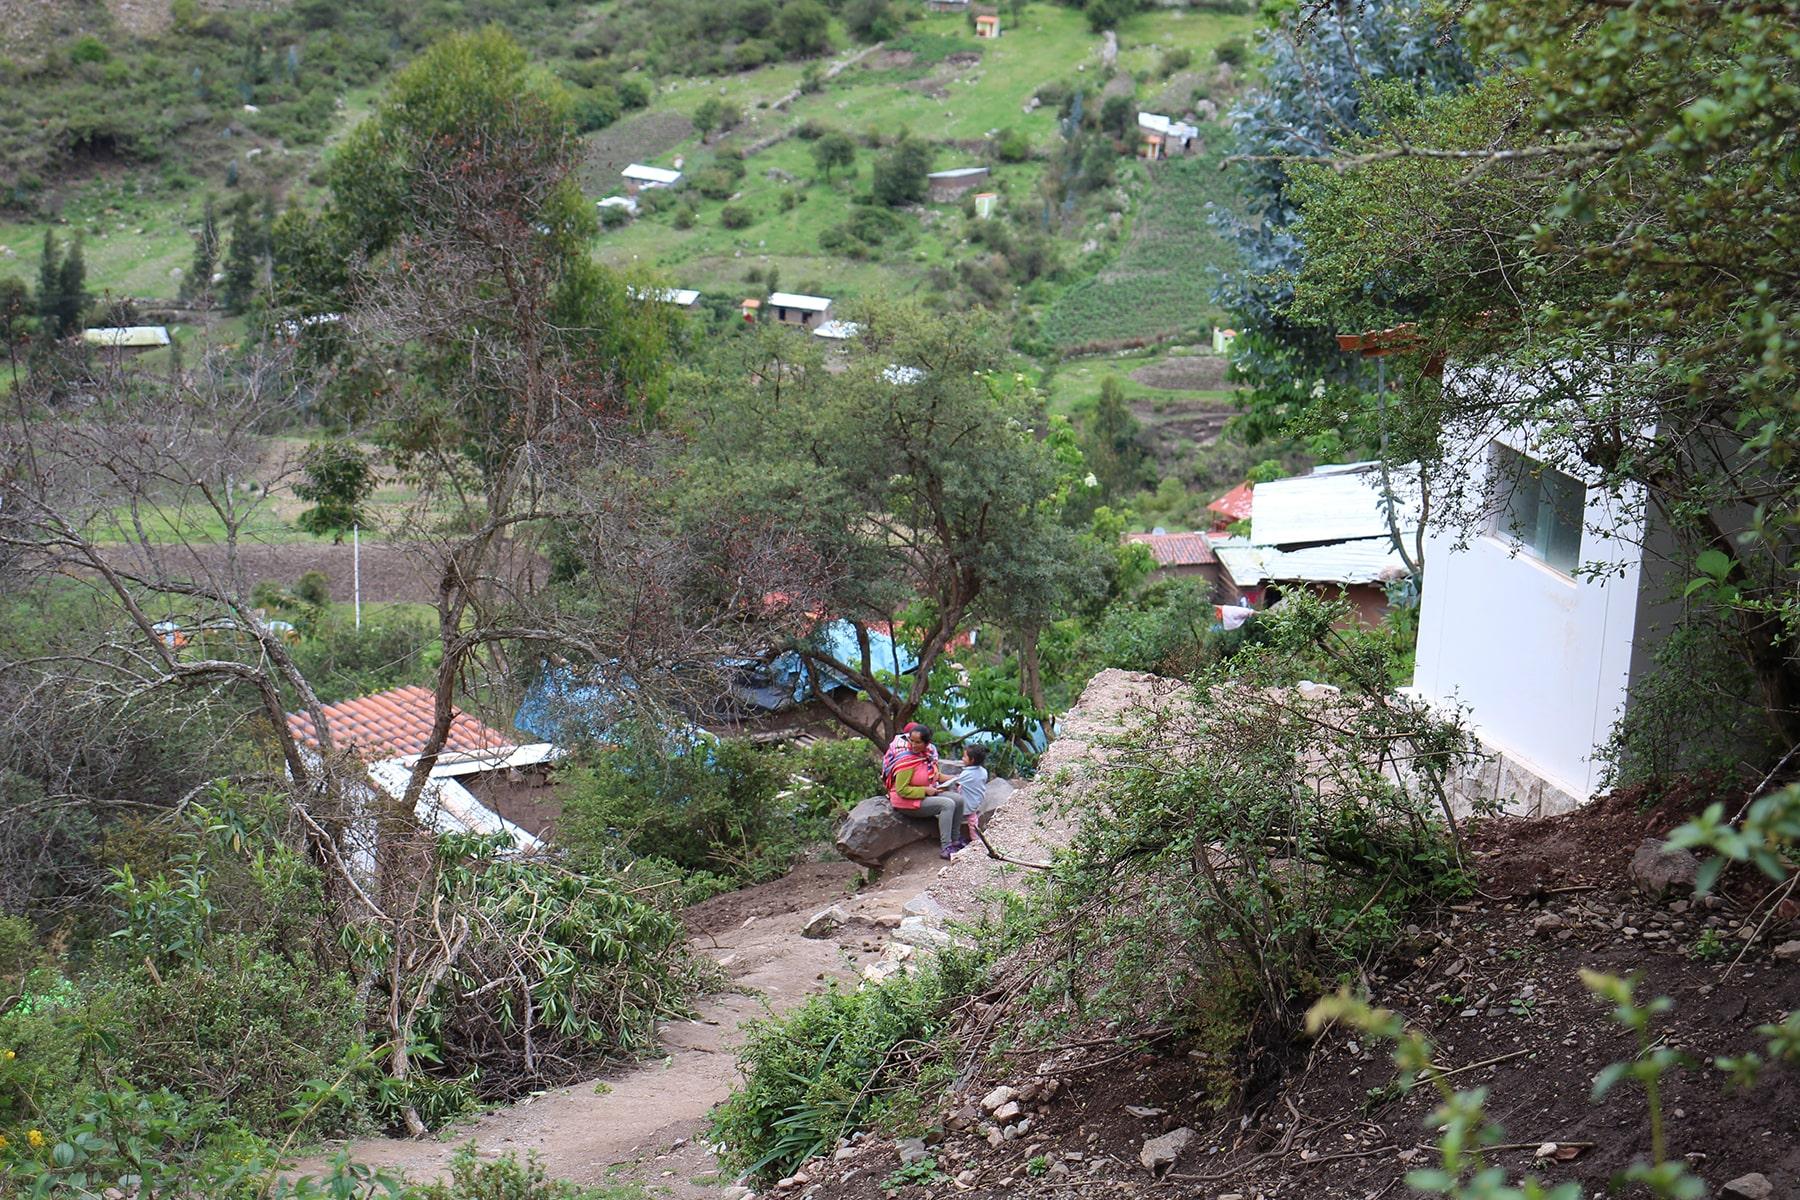 Una piccola comunità locale sull'inca trail